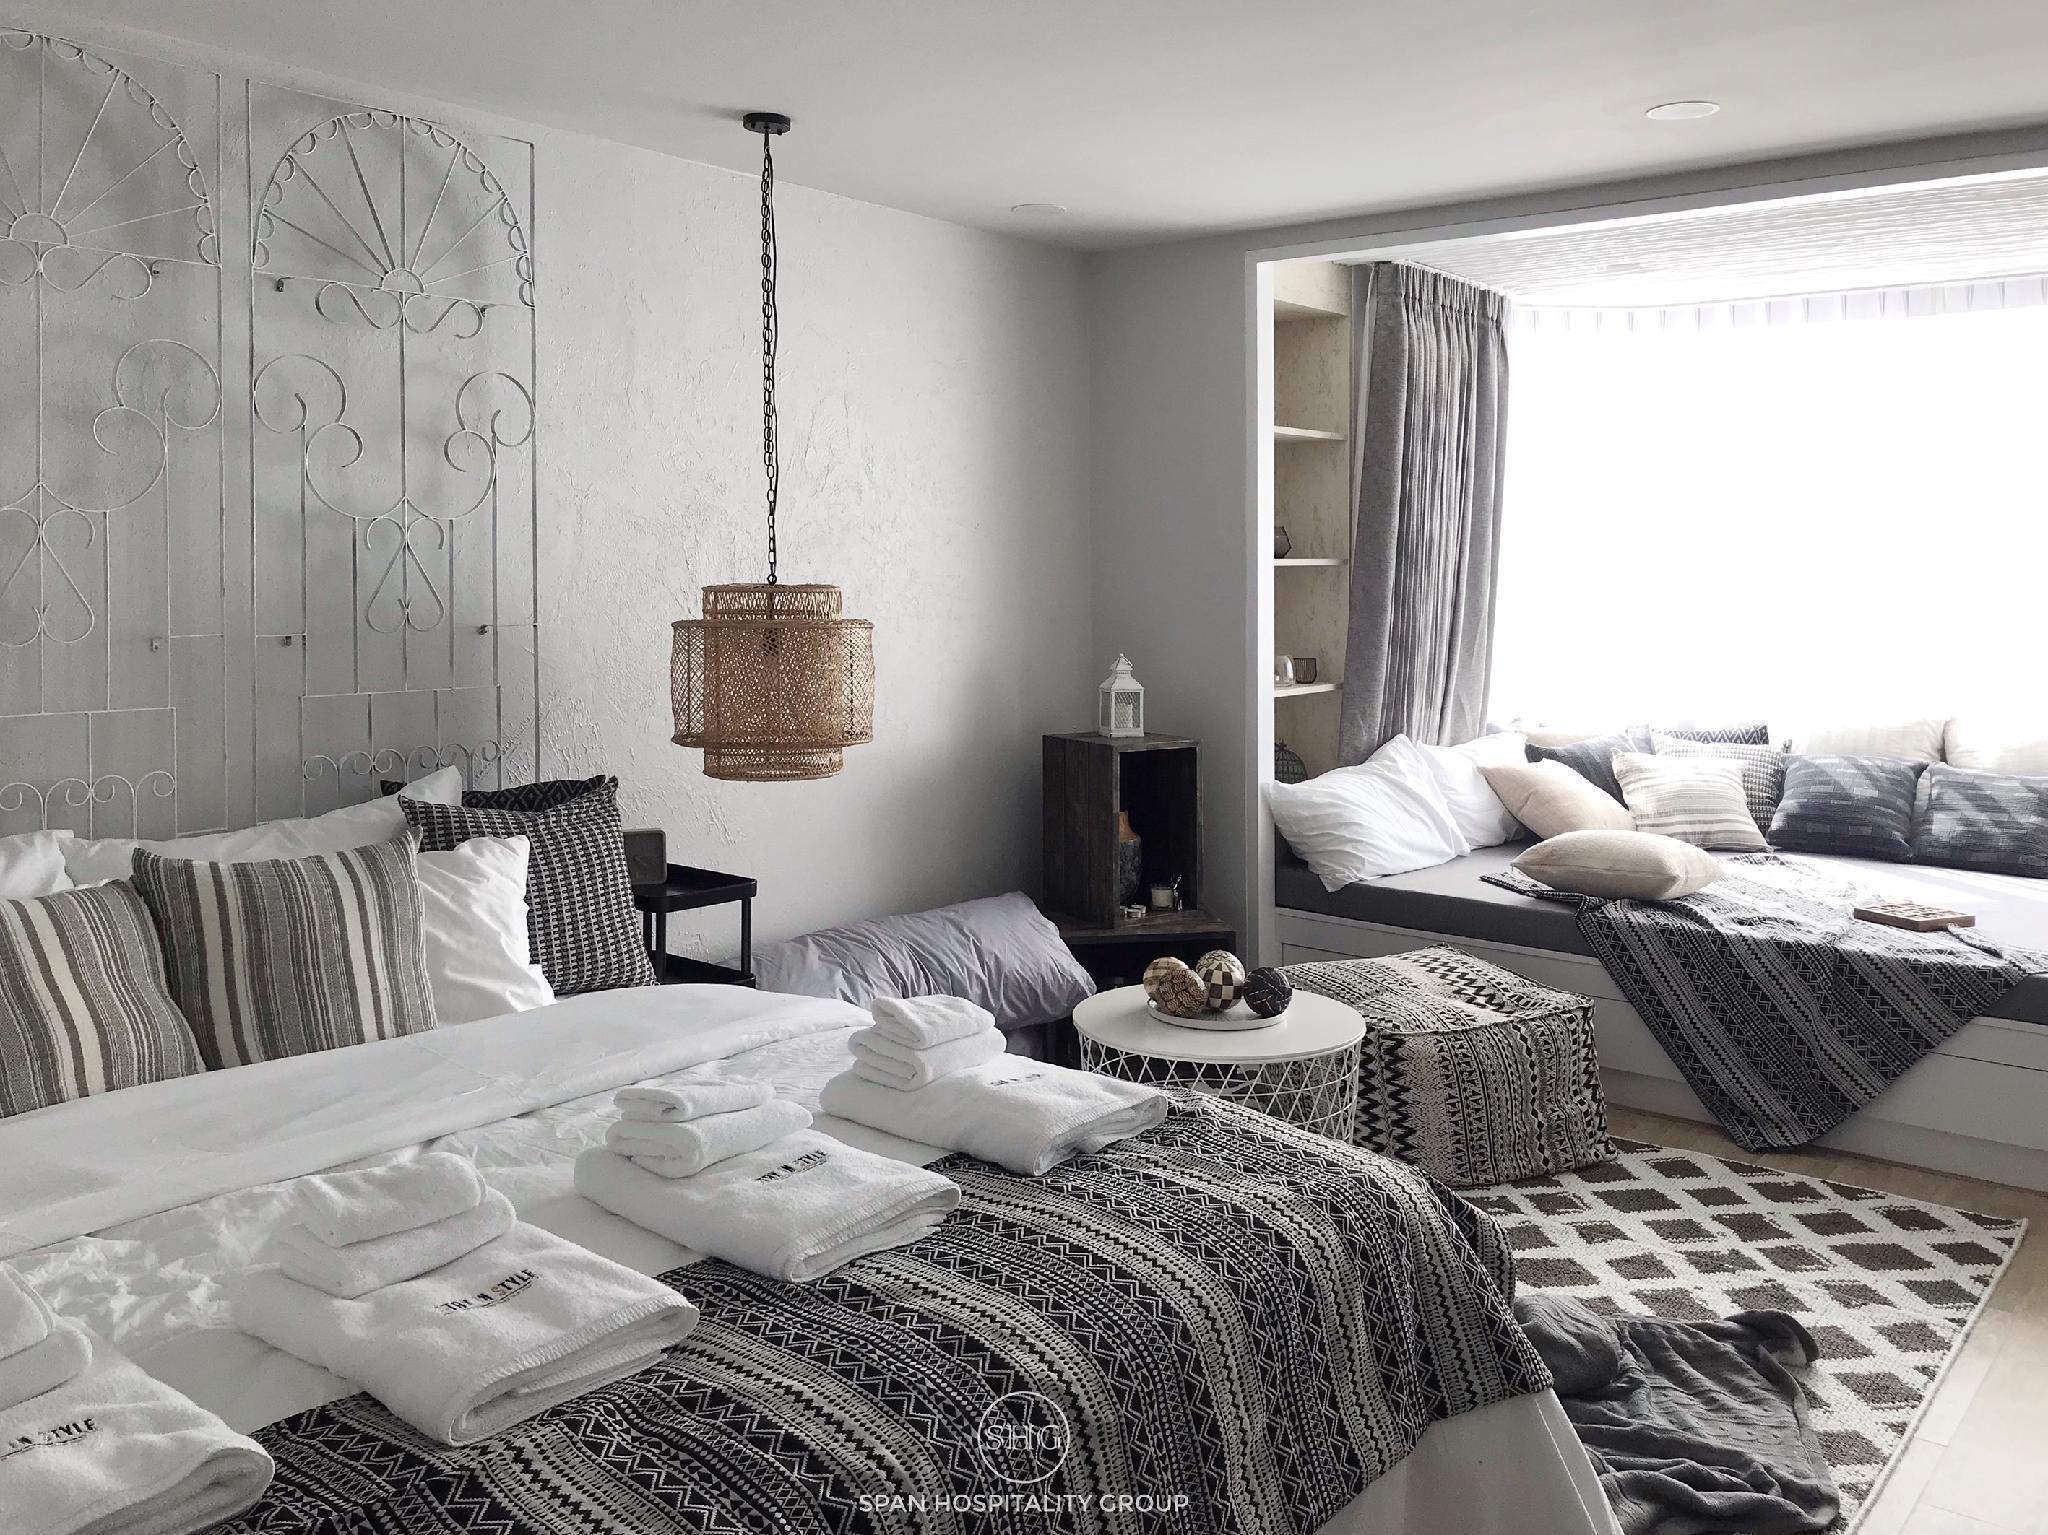 Stay in Style, Stylish Studio Room @ Nimman R316 อพาร์ตเมนต์ 1 ห้องนอน 1 ห้องน้ำส่วนตัว ขนาด 30 ตร.ม. – นิมมานเหมินทร์